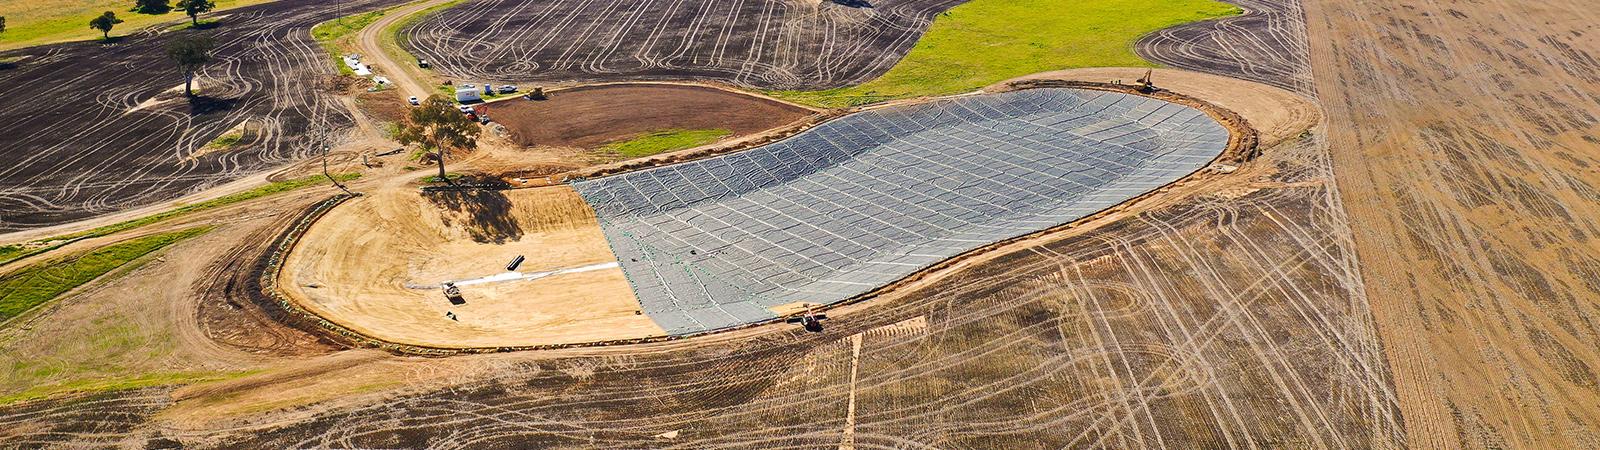 Soil Conservation Services